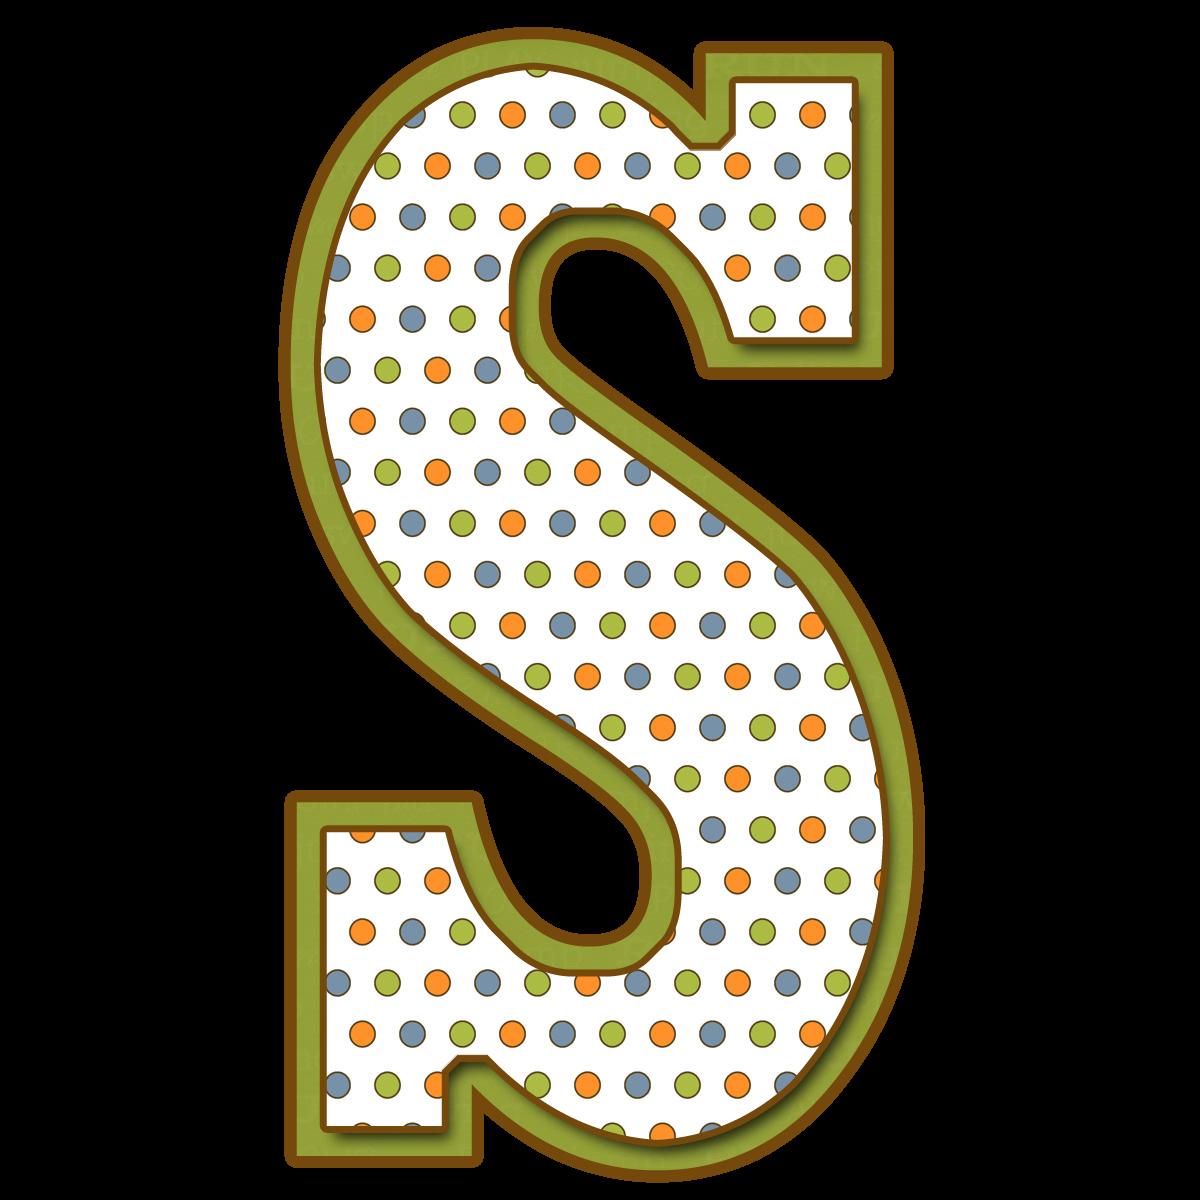 Montagens escrever em fotos com letras diferentes 15